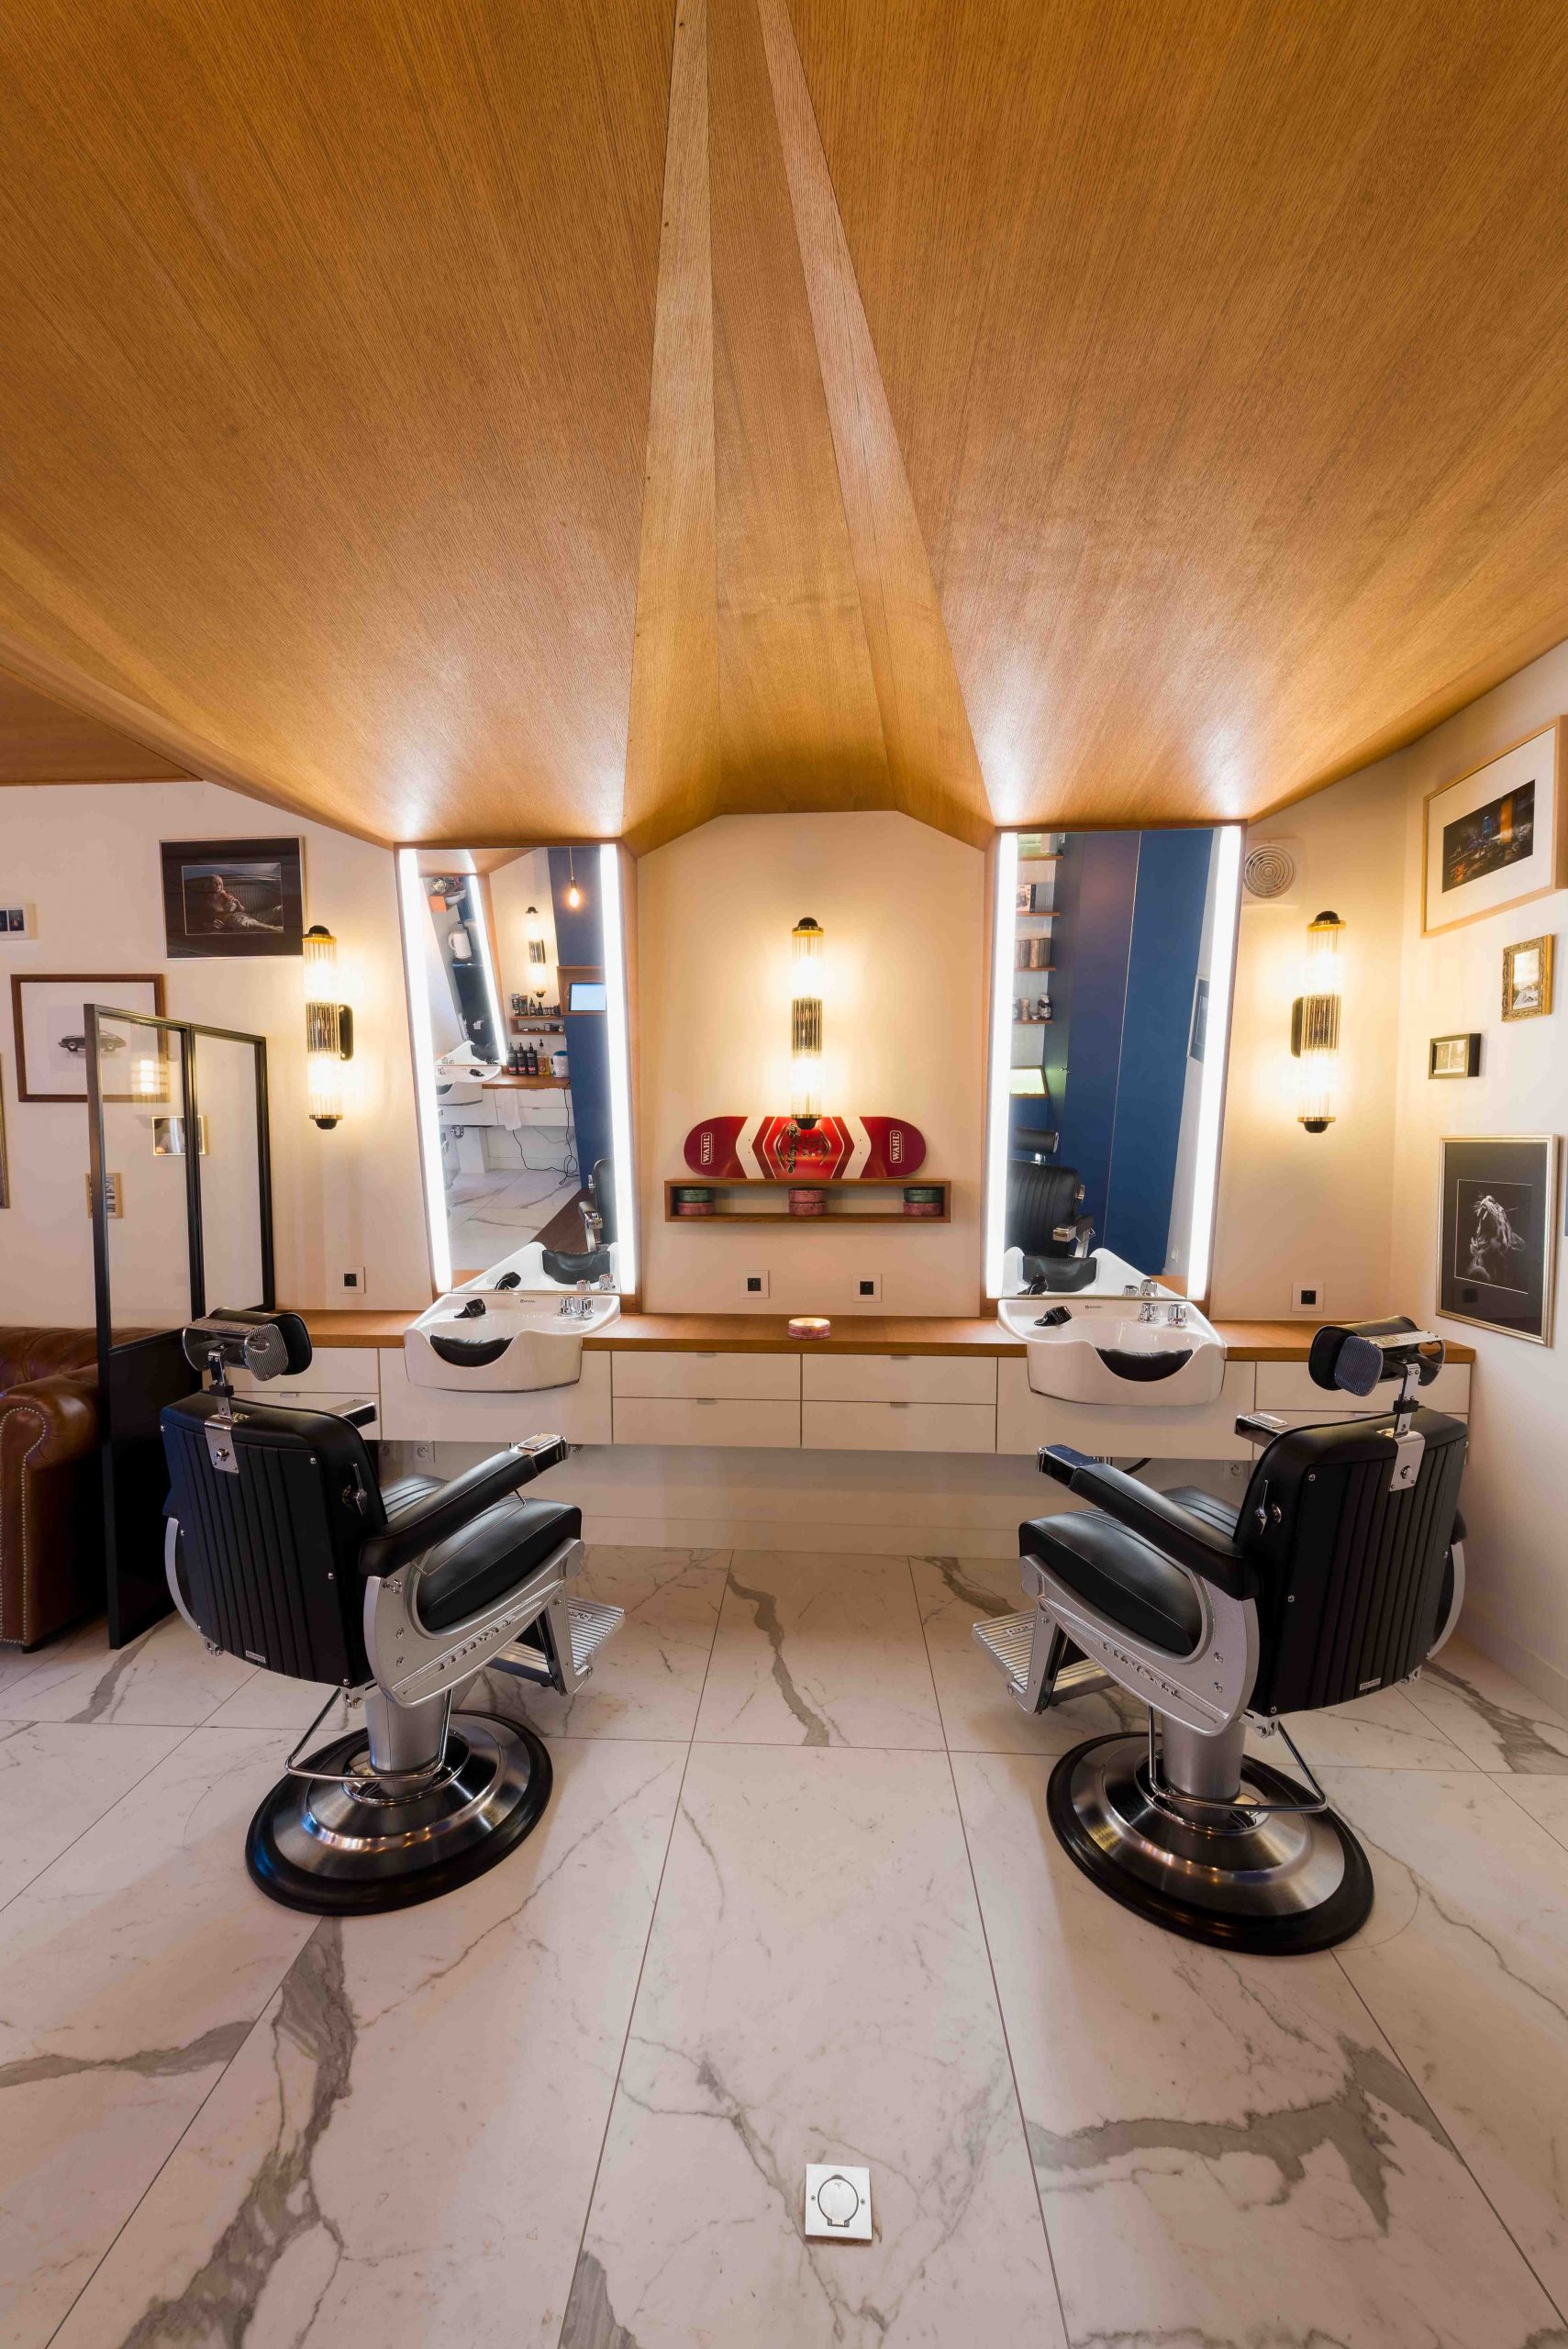 Barbier salon de coiffure Bordeaux La Crèmerie plafonds